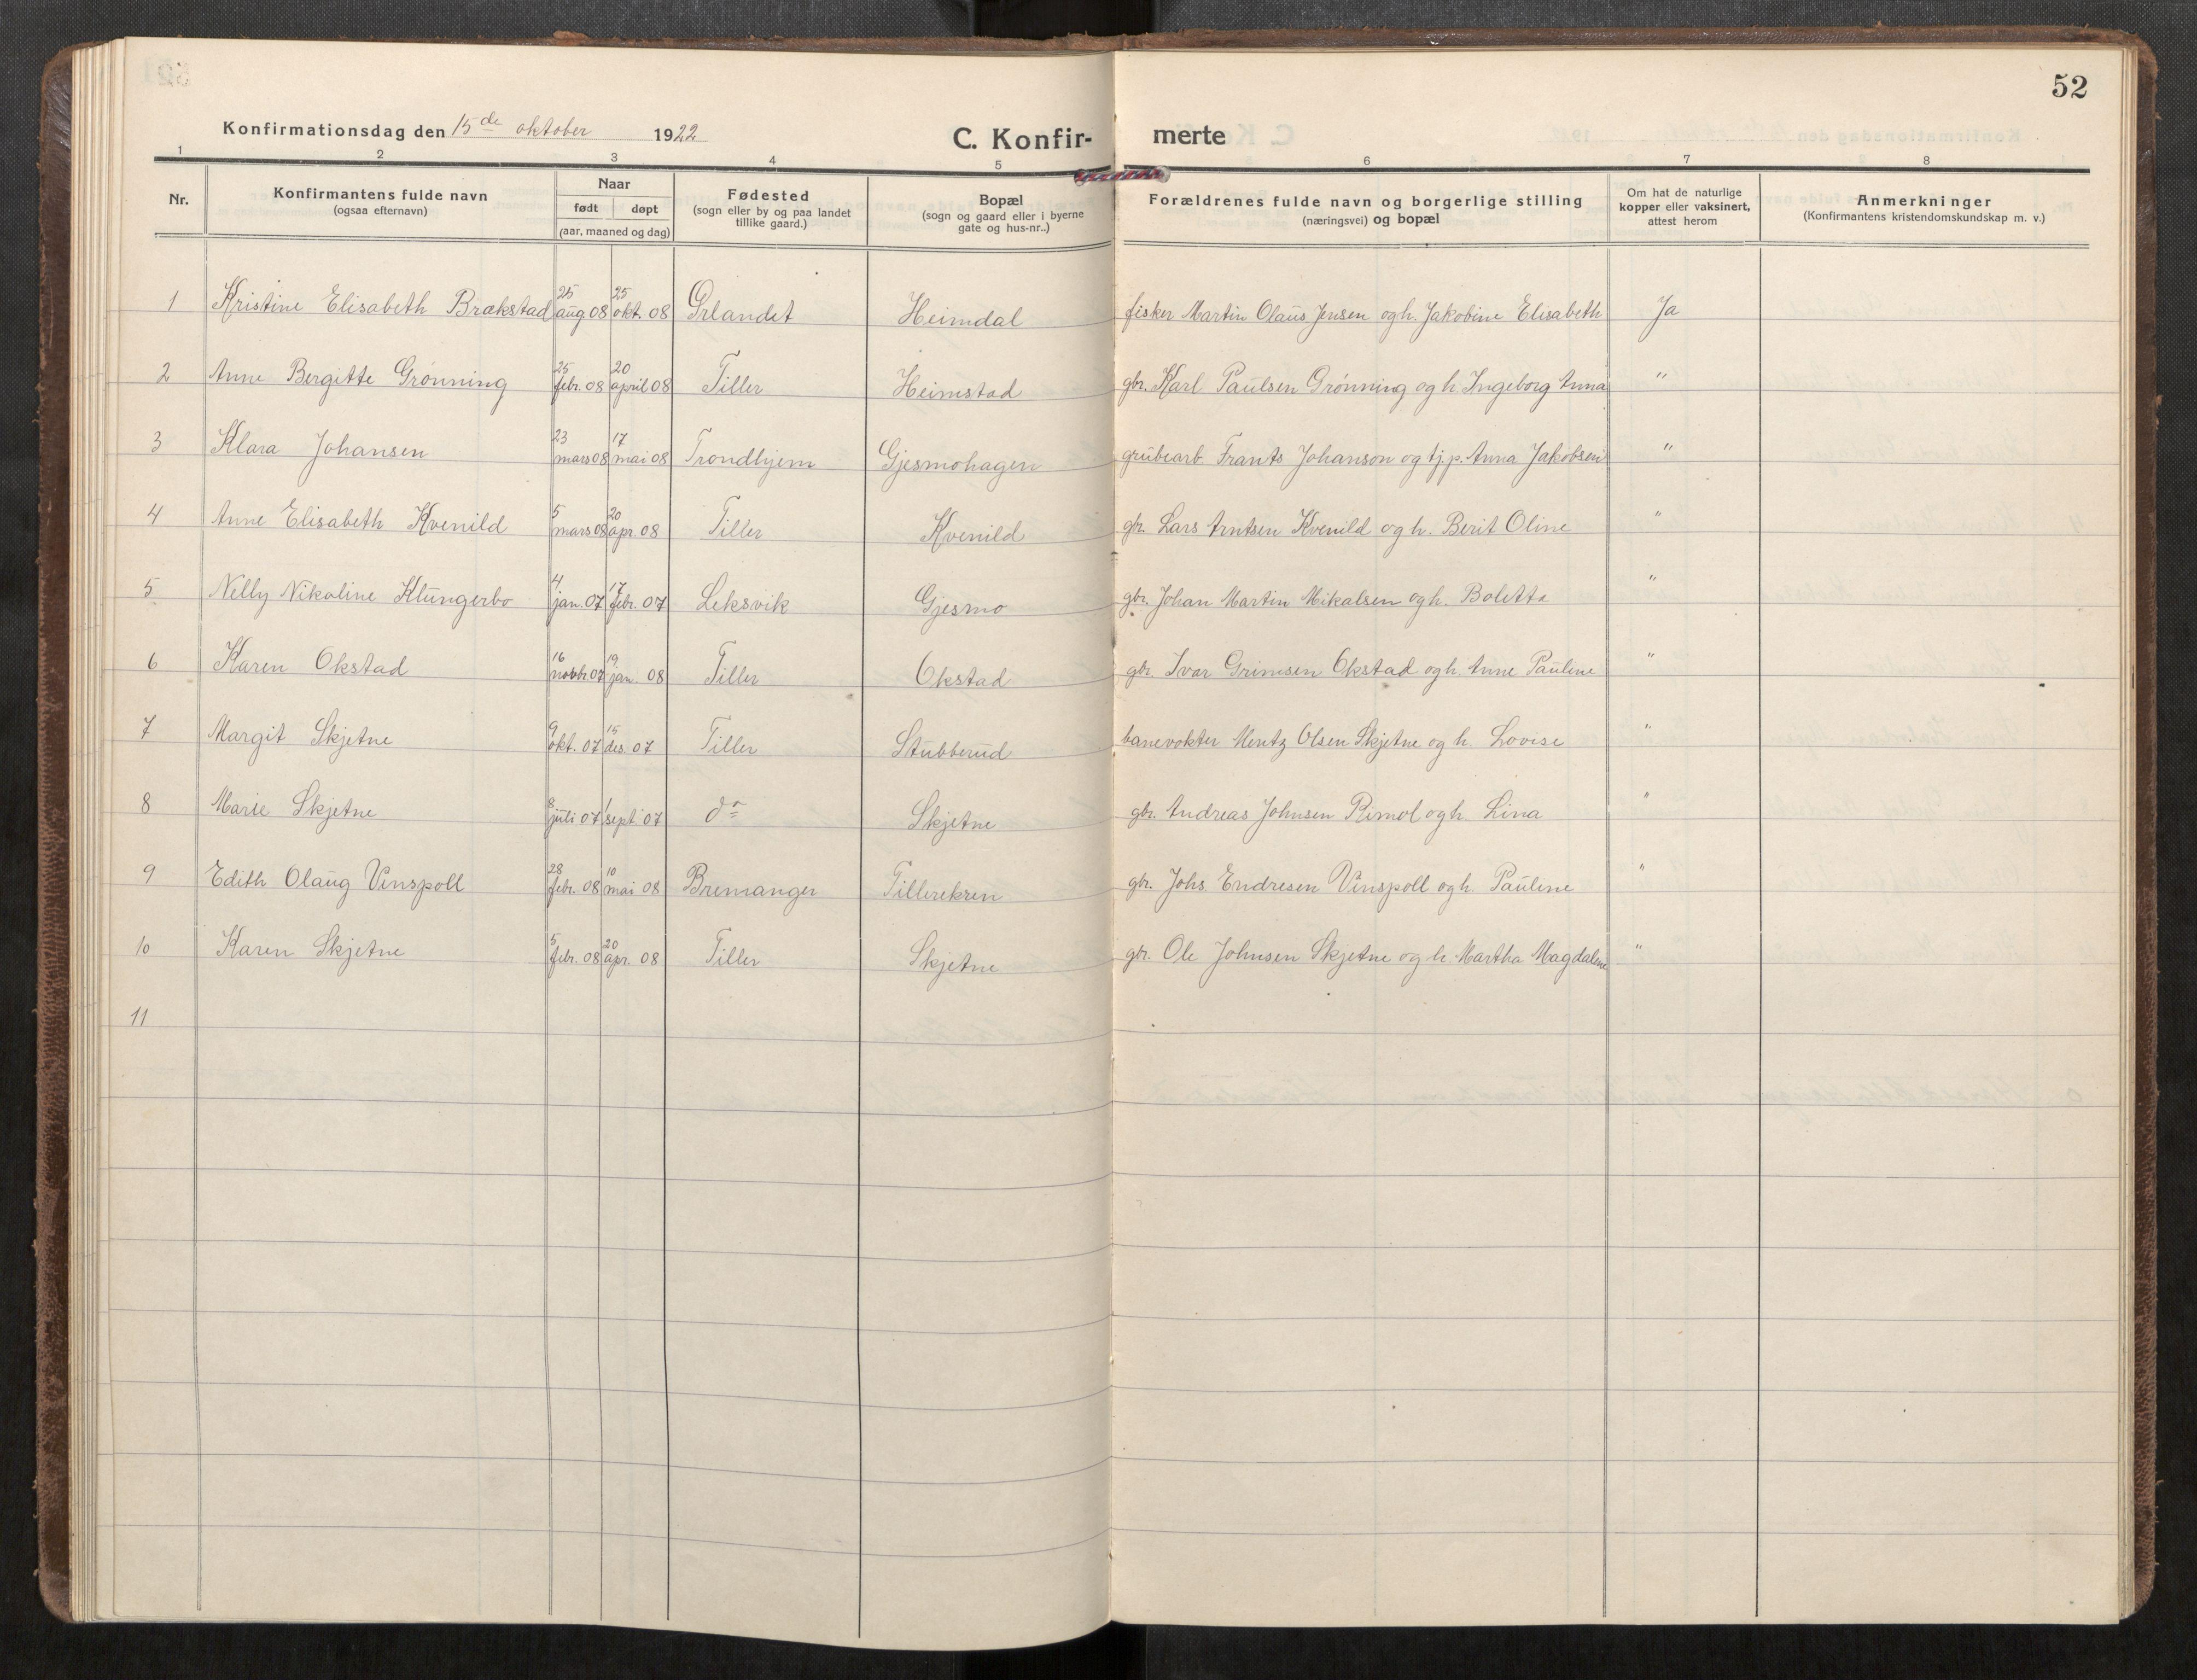 SAT, Klæbu sokneprestkontor, Parish register (official) no. 3, 1917-1924, p. 52